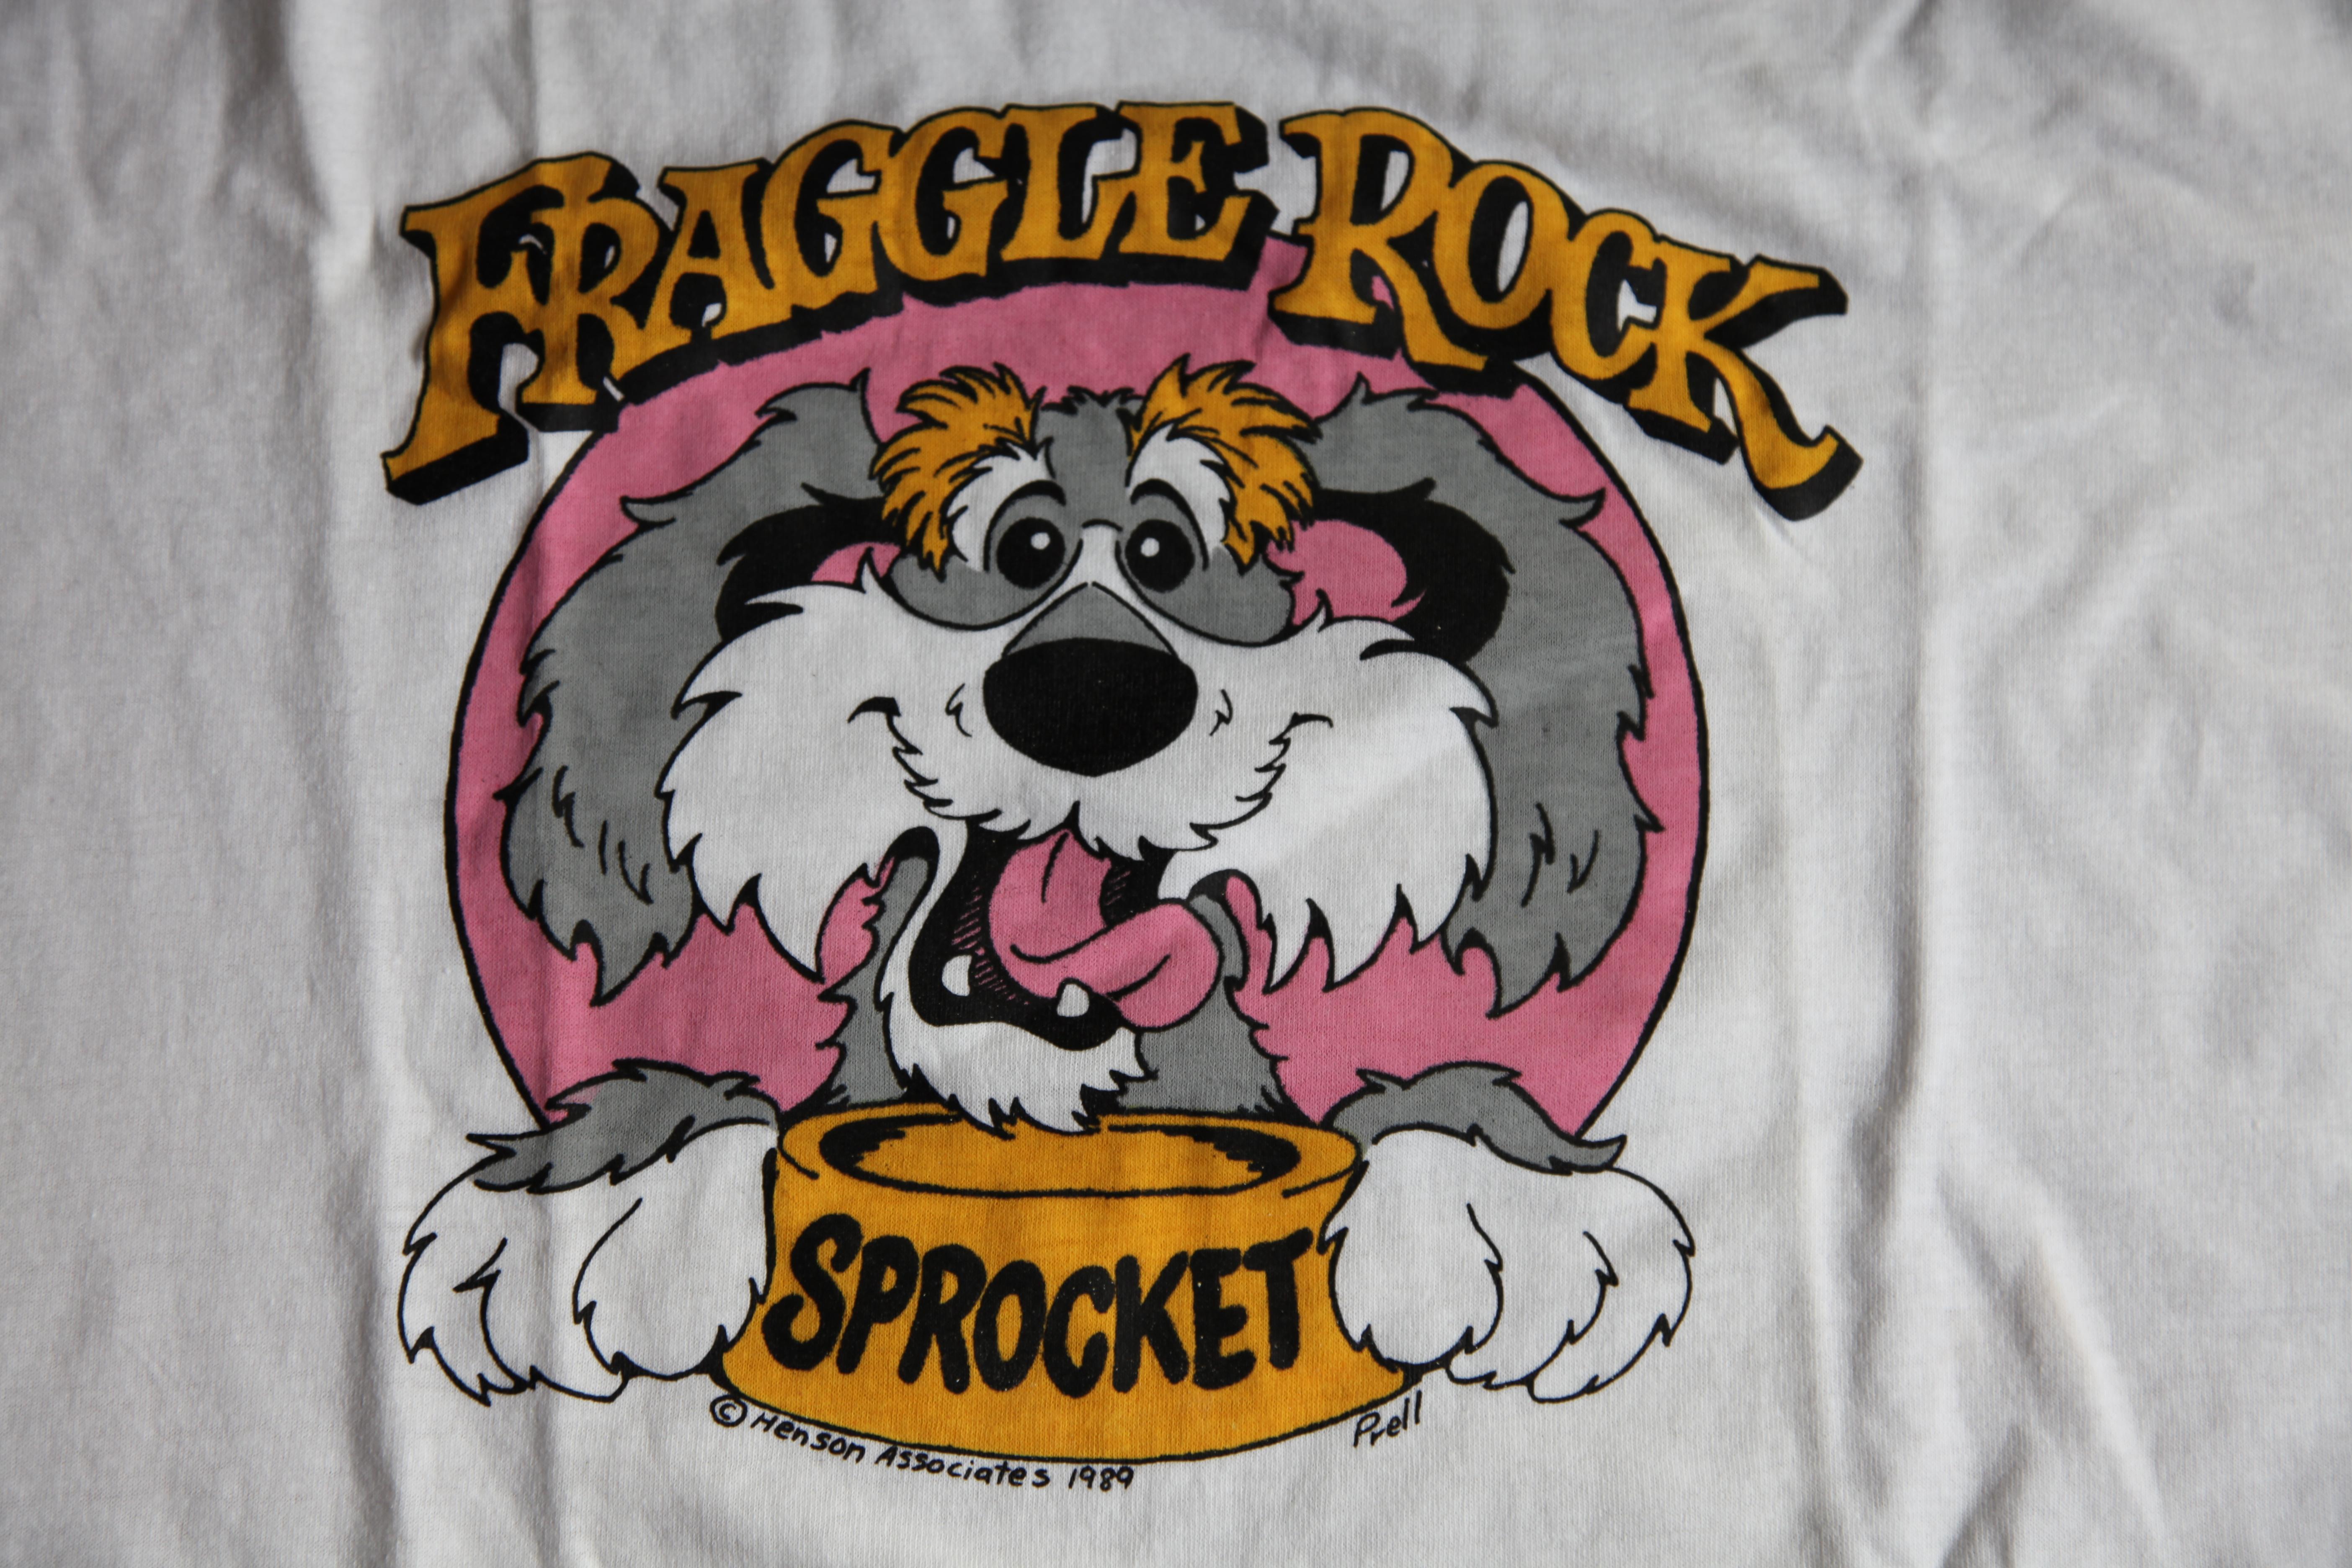 Fraggle rock sprocket